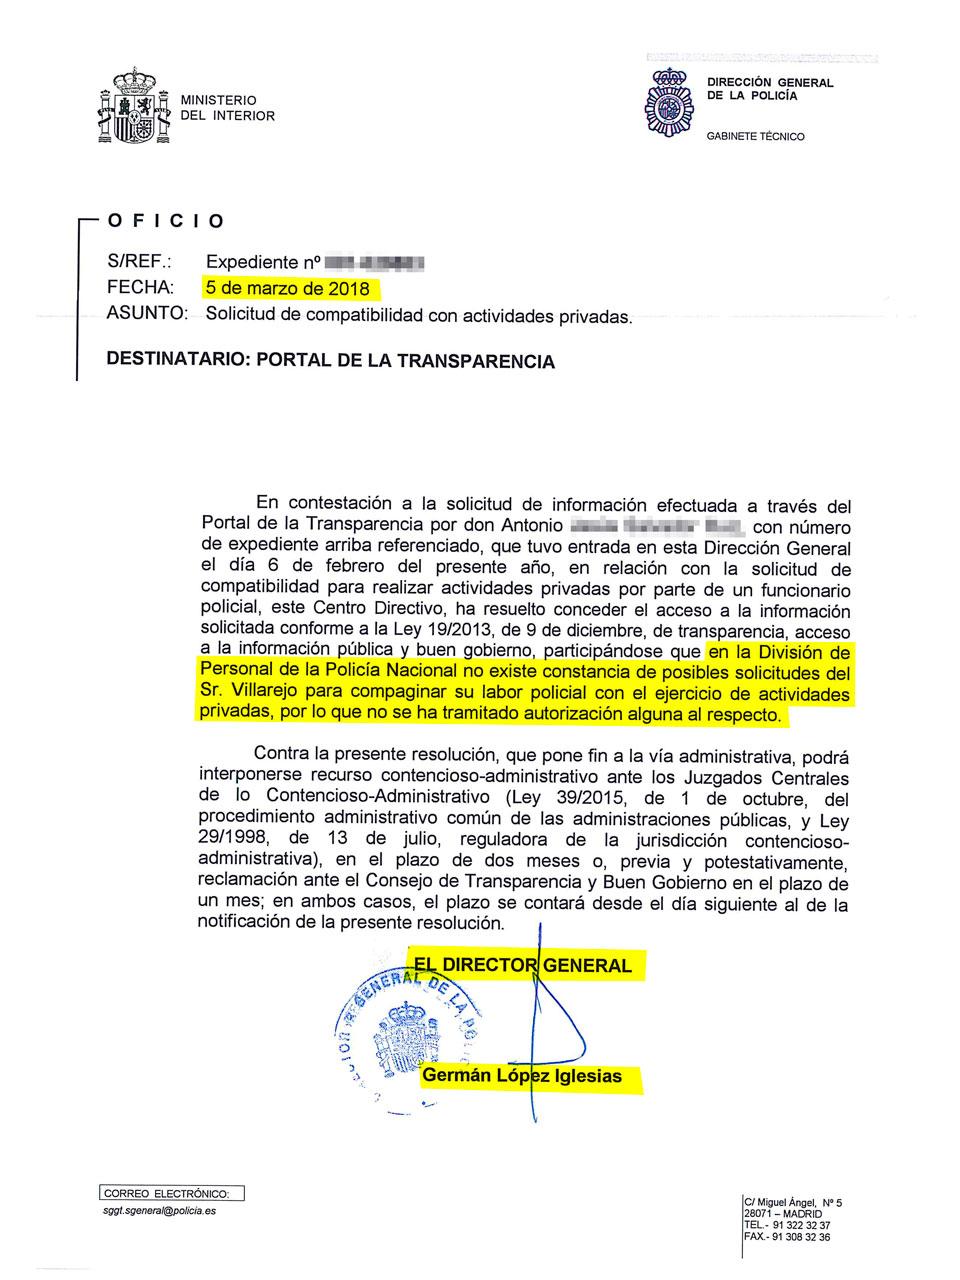 Oficio en el que la Dirección General de la Policía admite que Villarejo no solicitó autorización para compaginar su labor policial con su faceta de empresario.